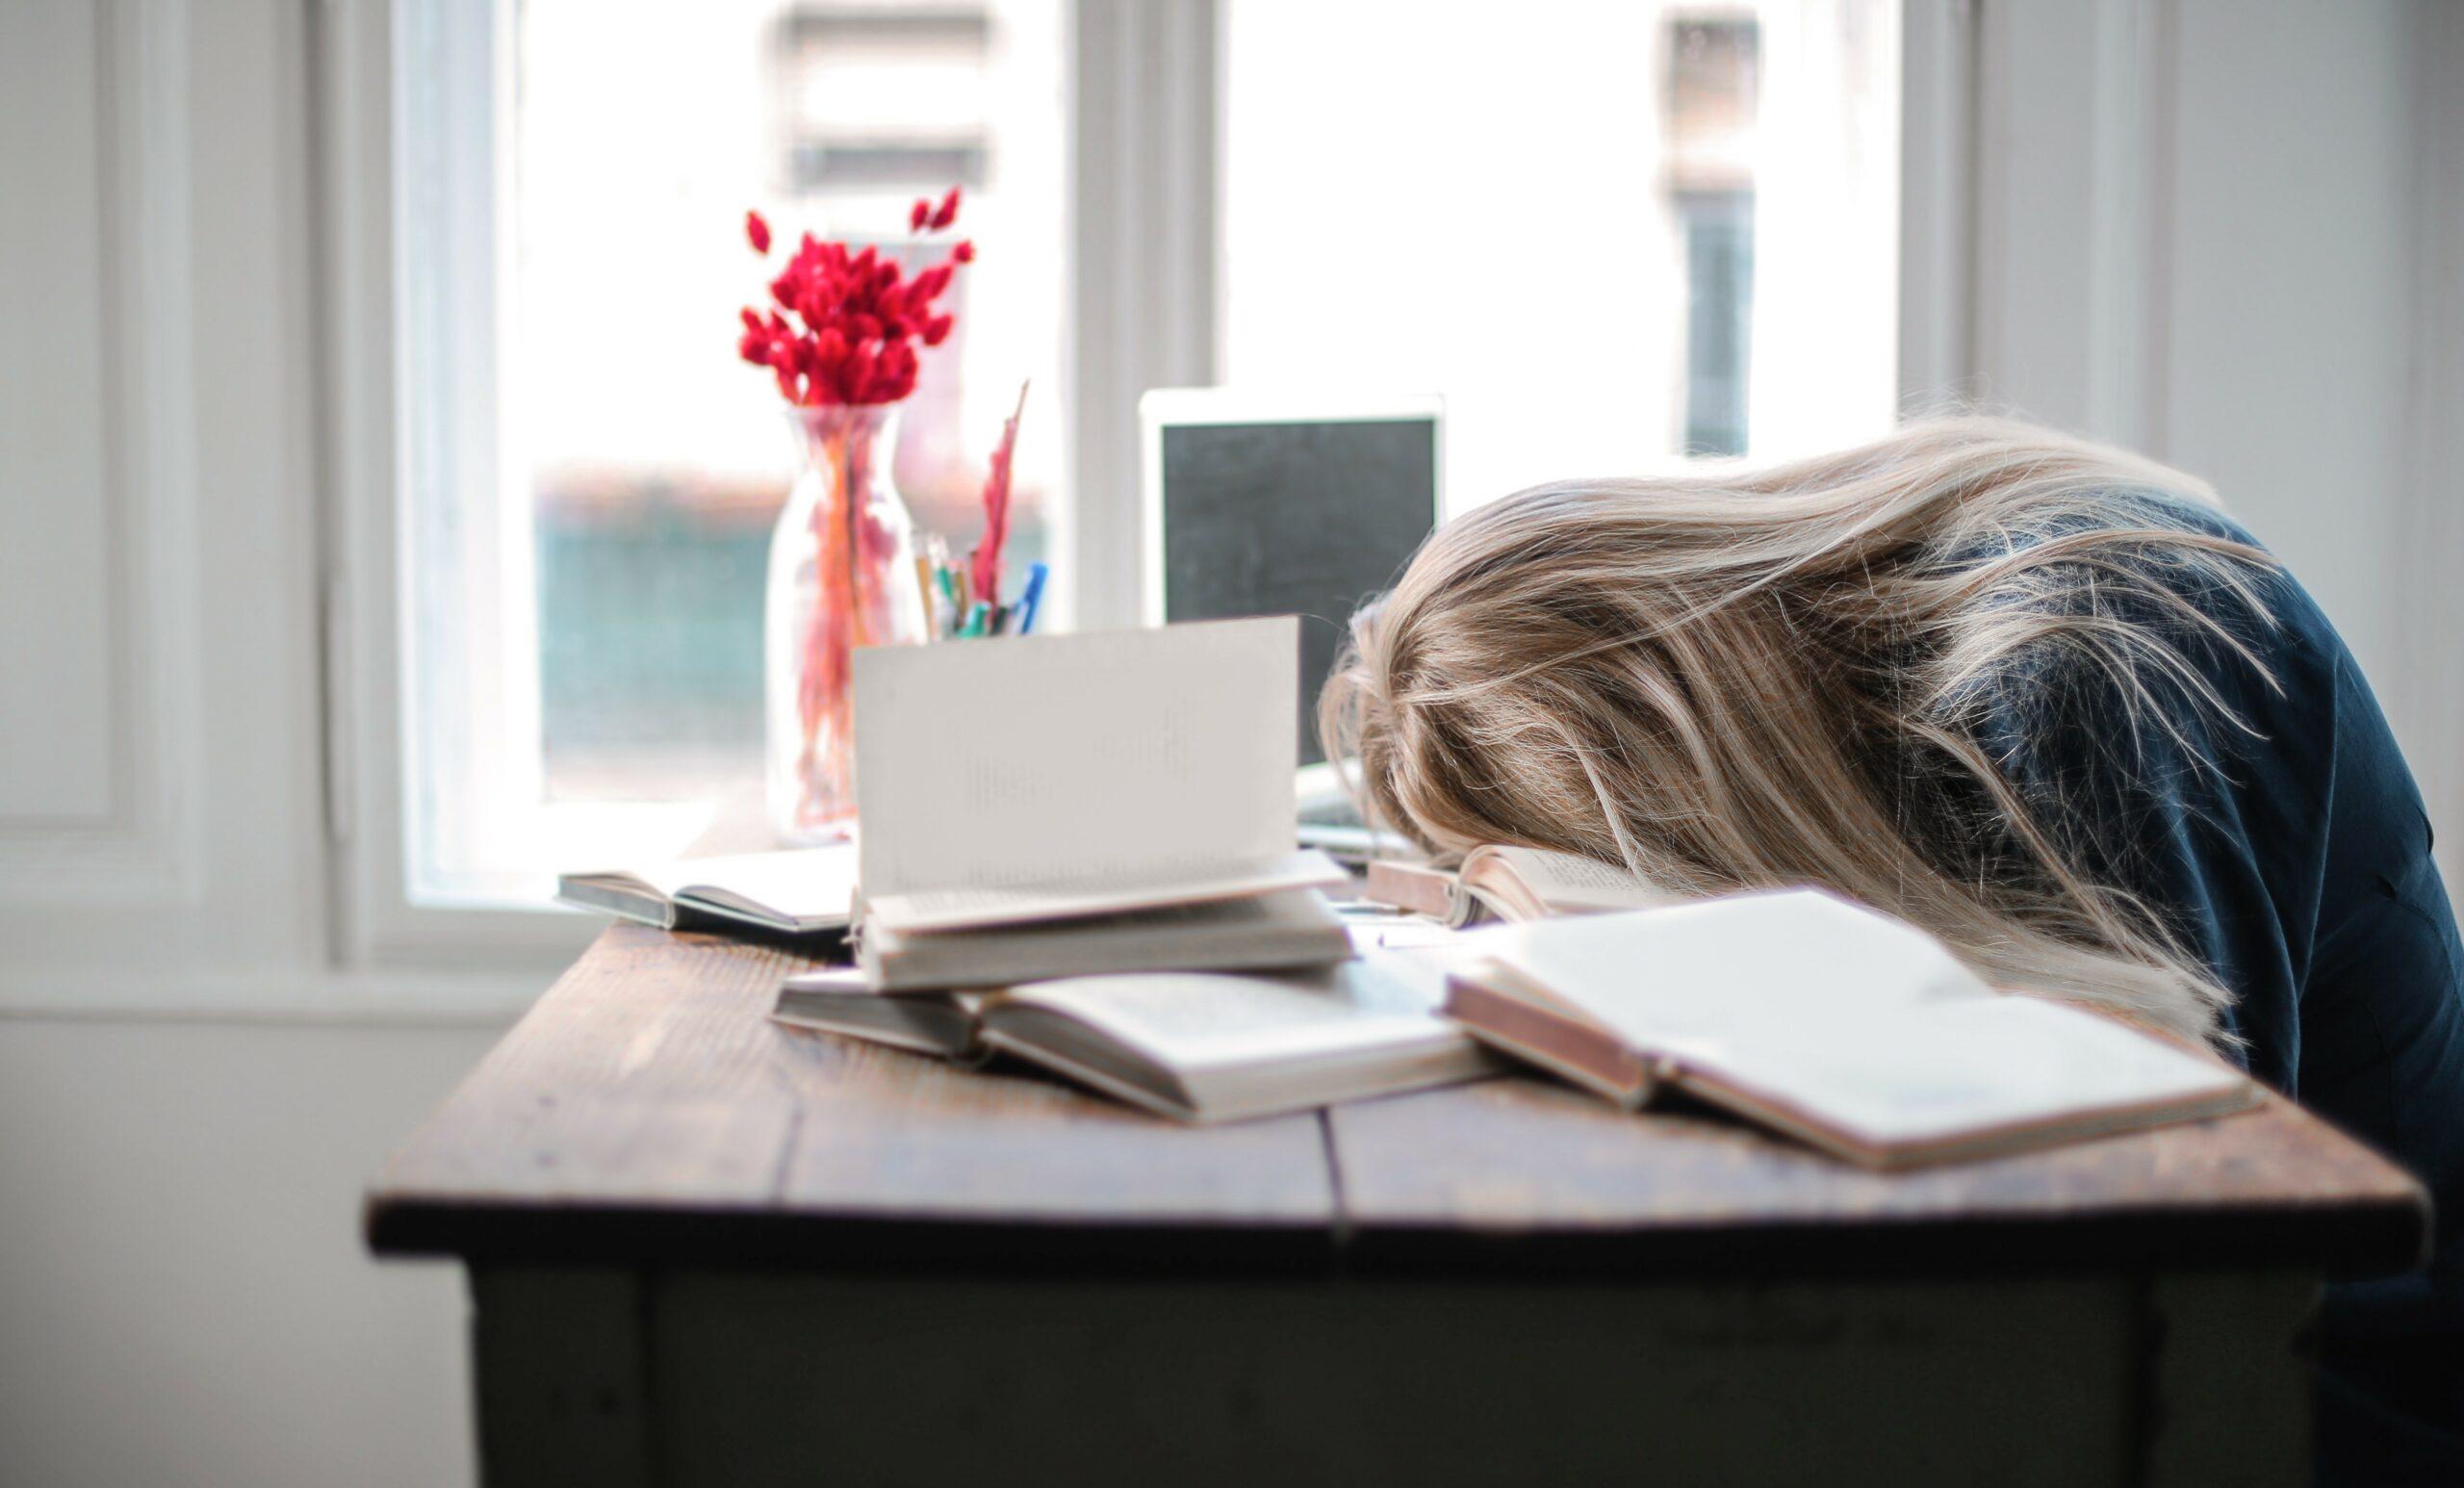 قلة النوم وتأثيرها على صحة المترجِم المستقِلّ